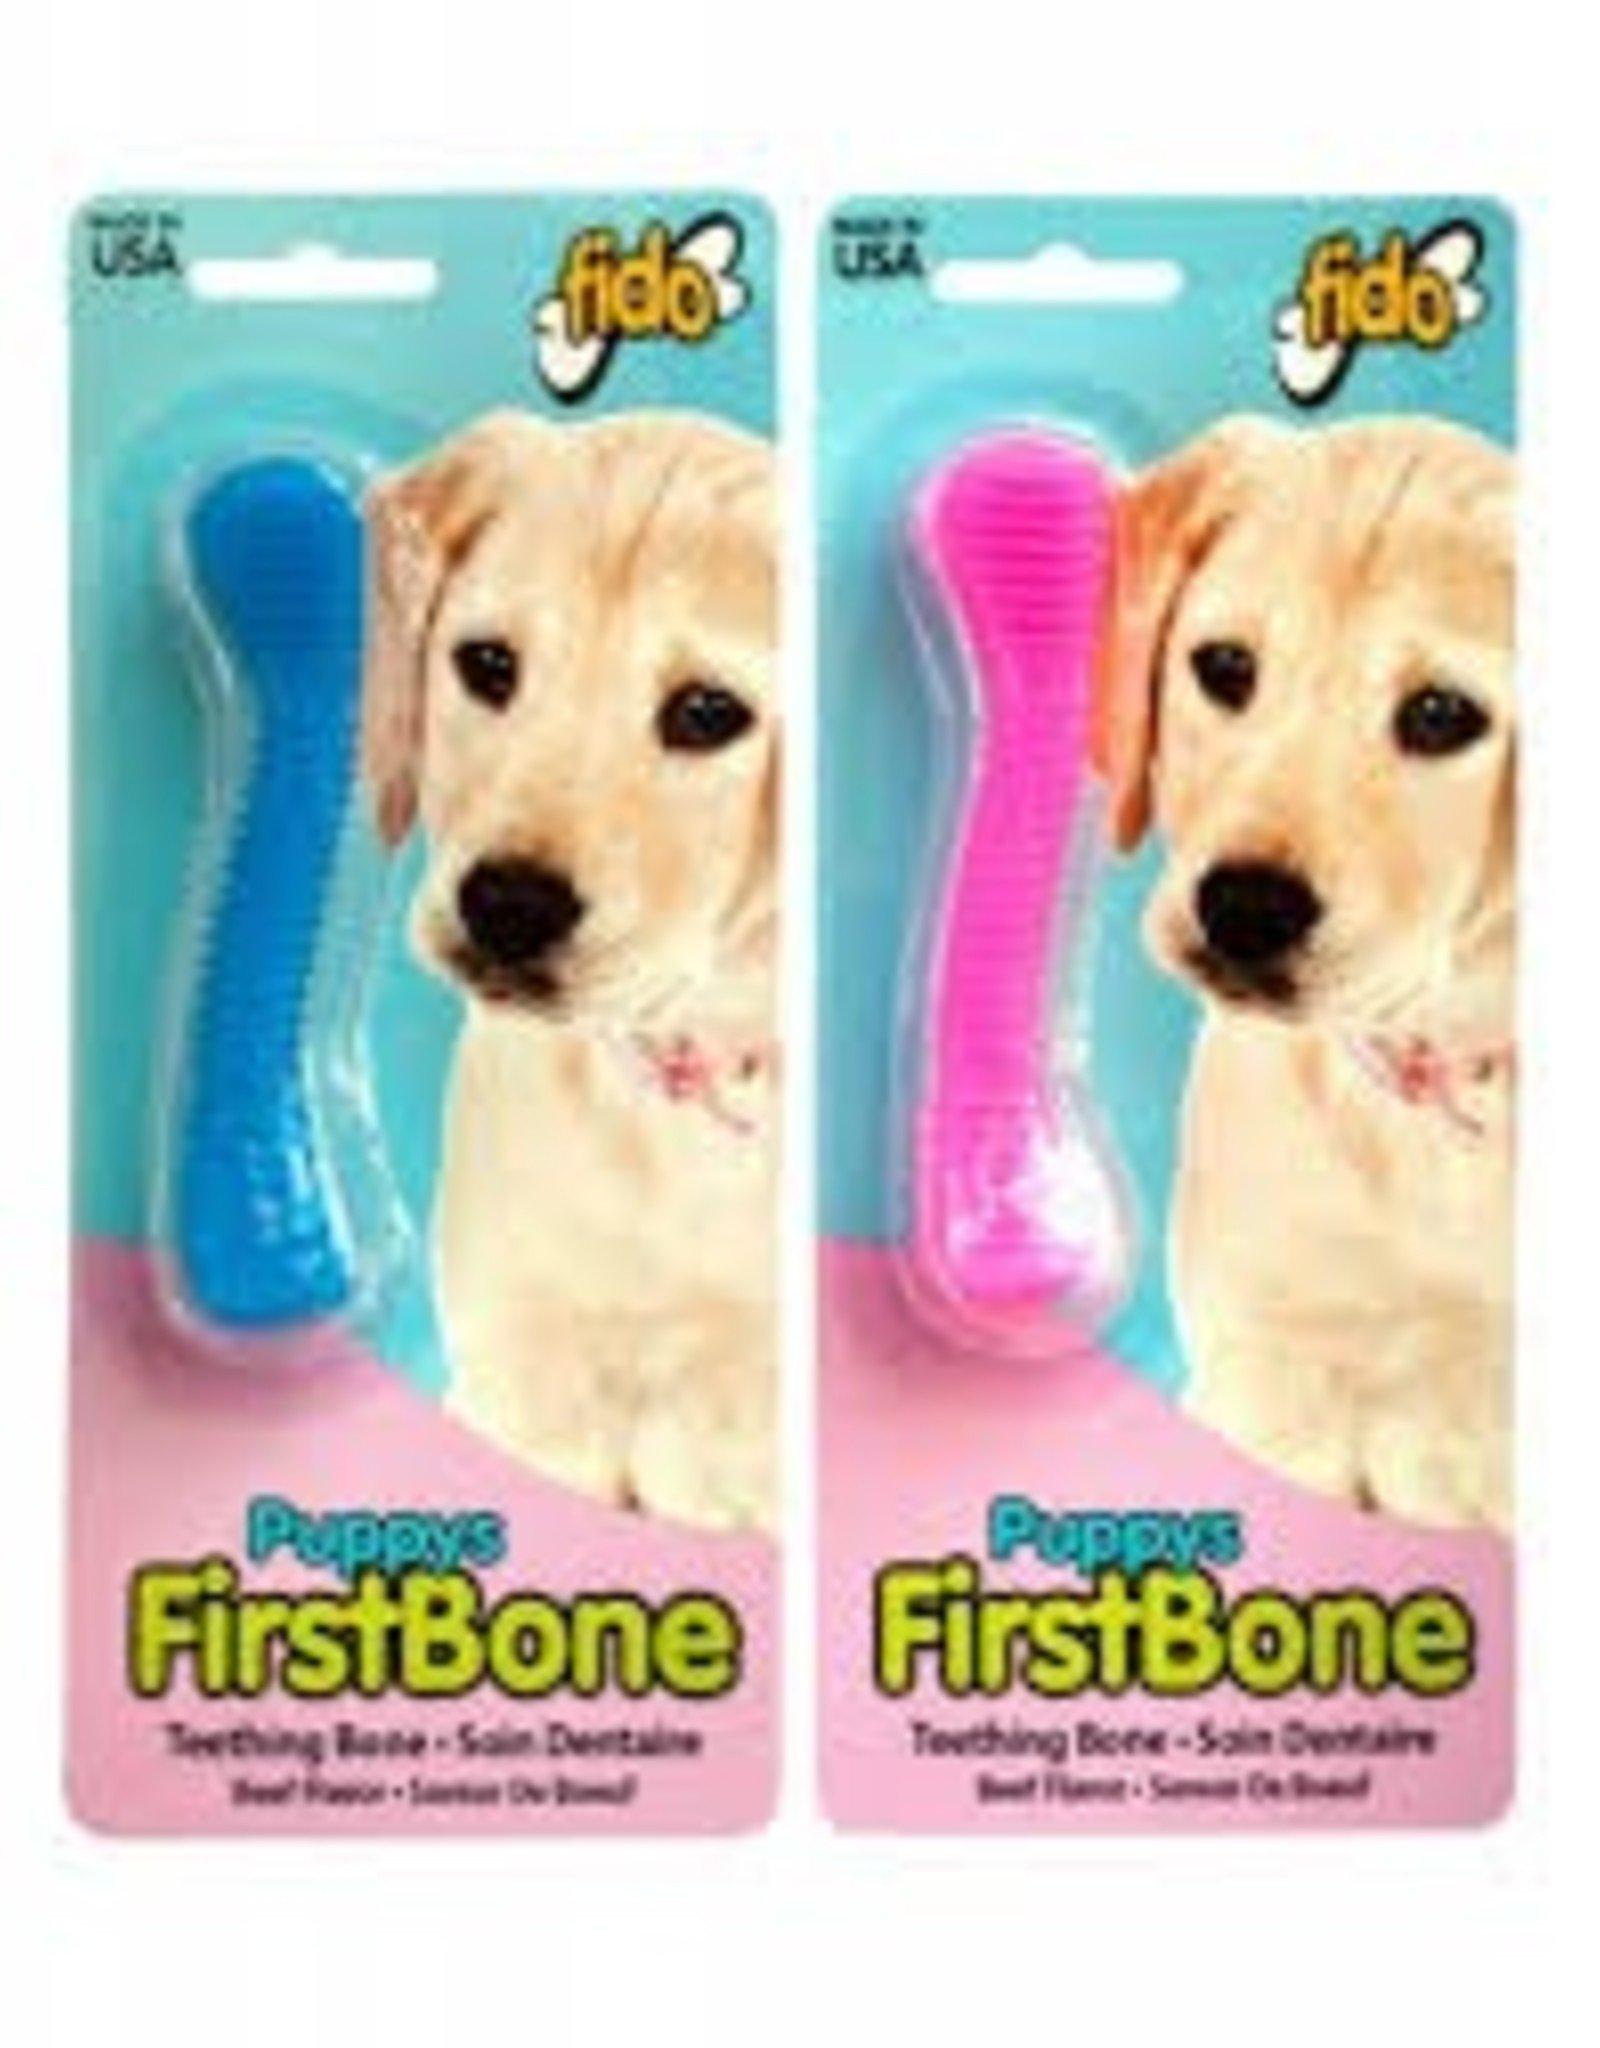 Fido Puppy's First Bone Beef Flavor